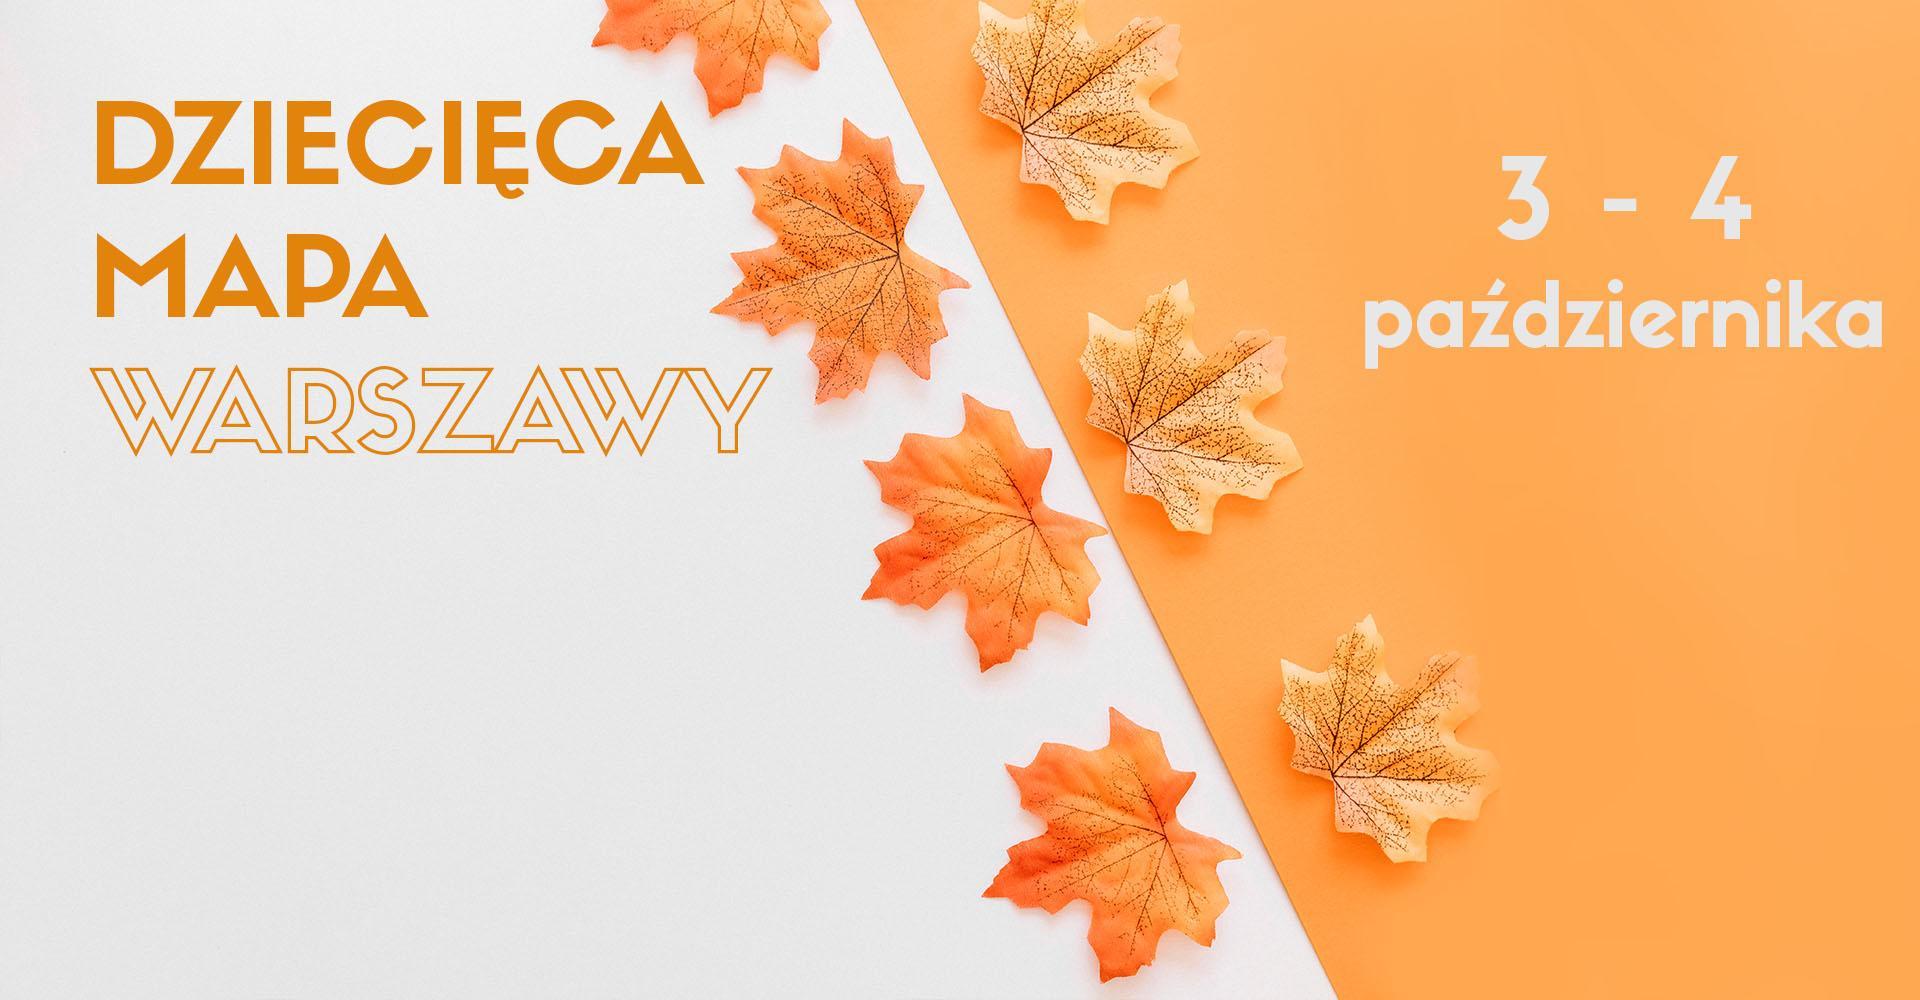 Weekendowa Zajawka, czyli zaplanuj rodzinny weekend w Warszawie (3-4 października)